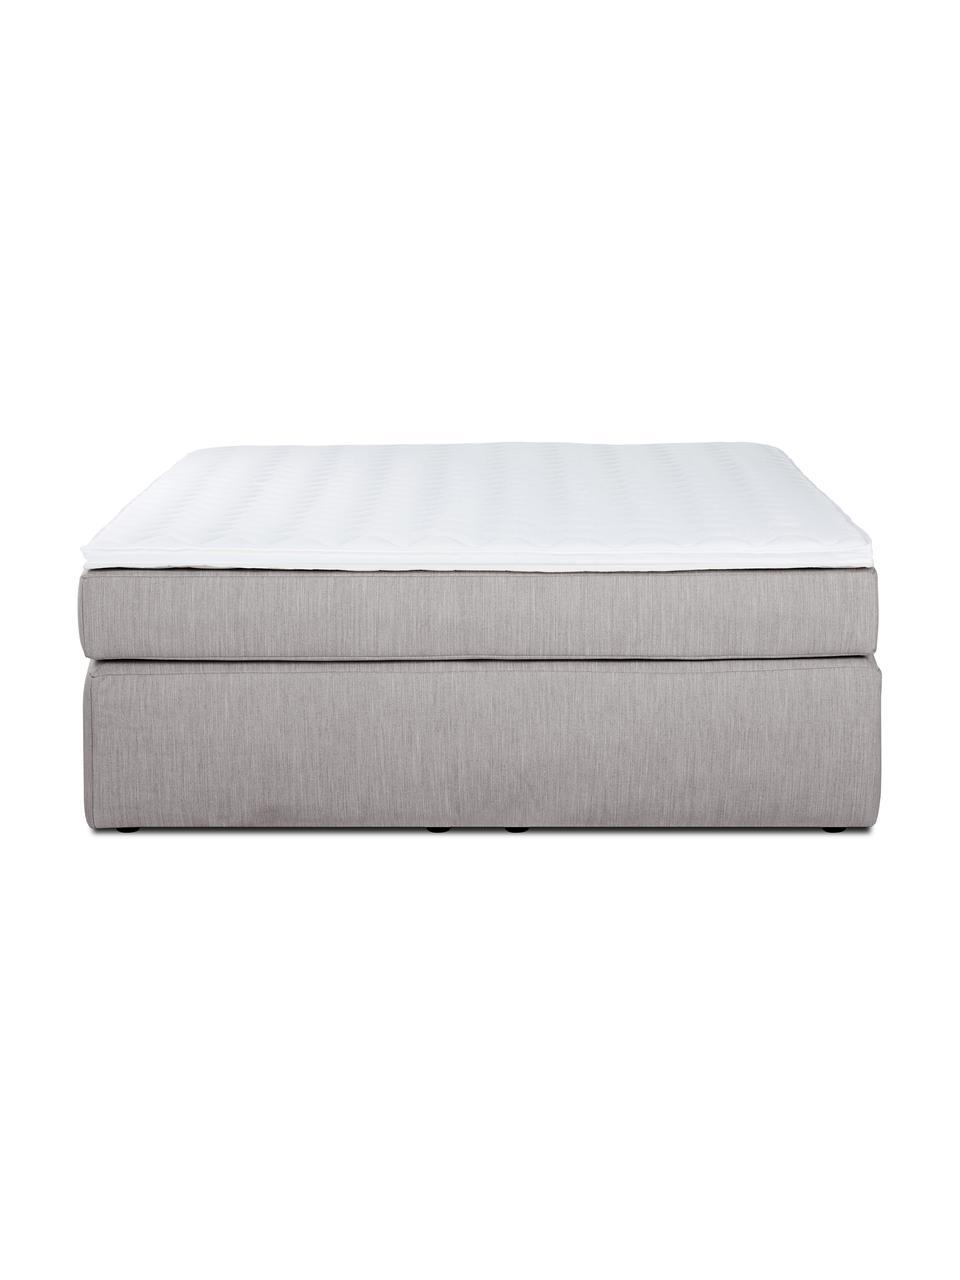 Łóżko kontynentalne bez zagłówka Enya, Nogi: tworzywo sztuczne, Ciemny szary, S 200 x D 200 cm